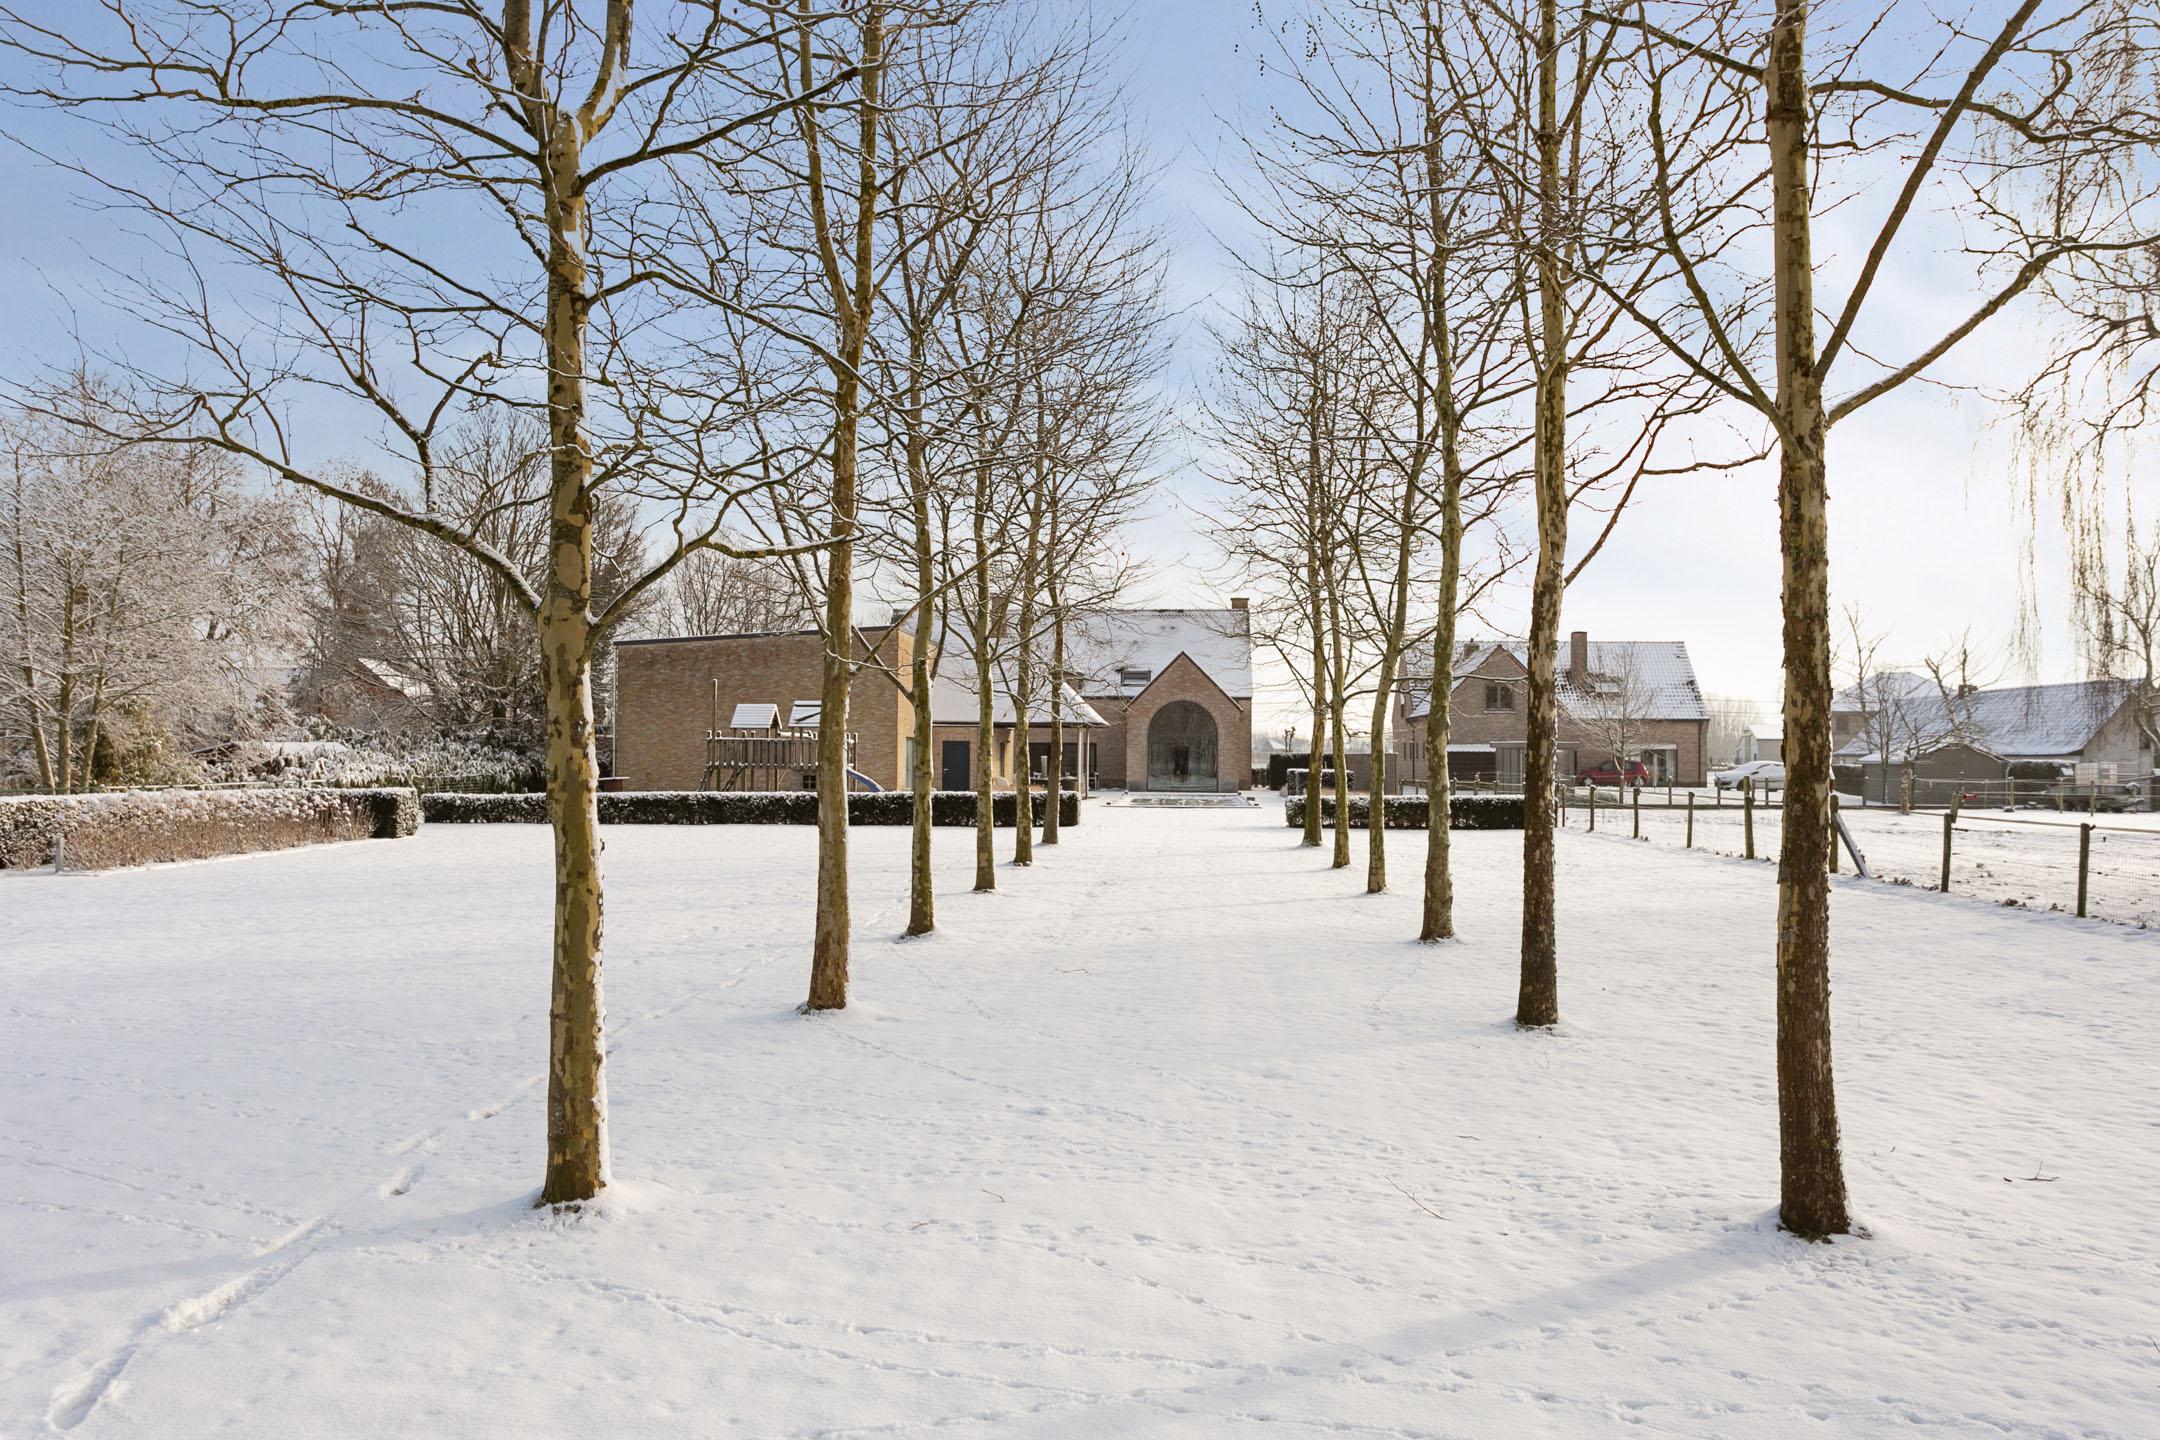 Buitenfotografie Zibber Laarne, België